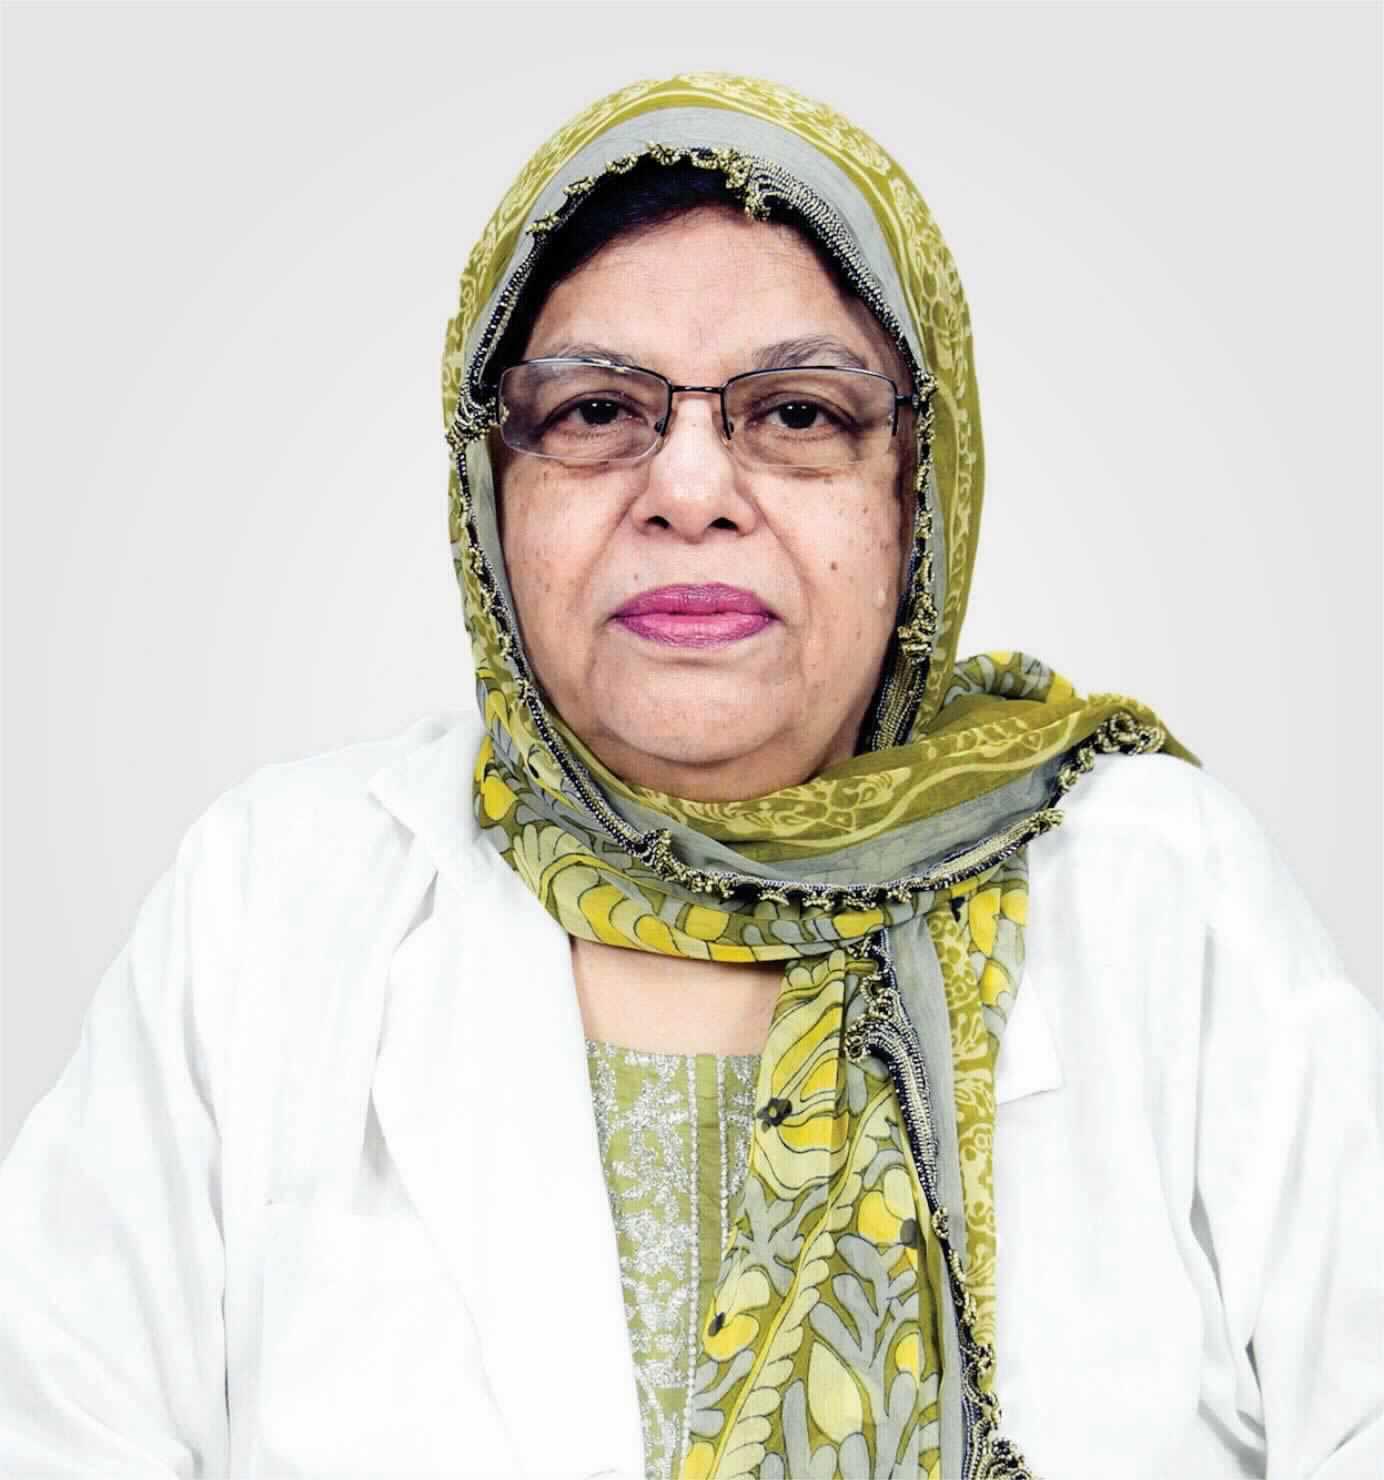 Farzana Shafqat